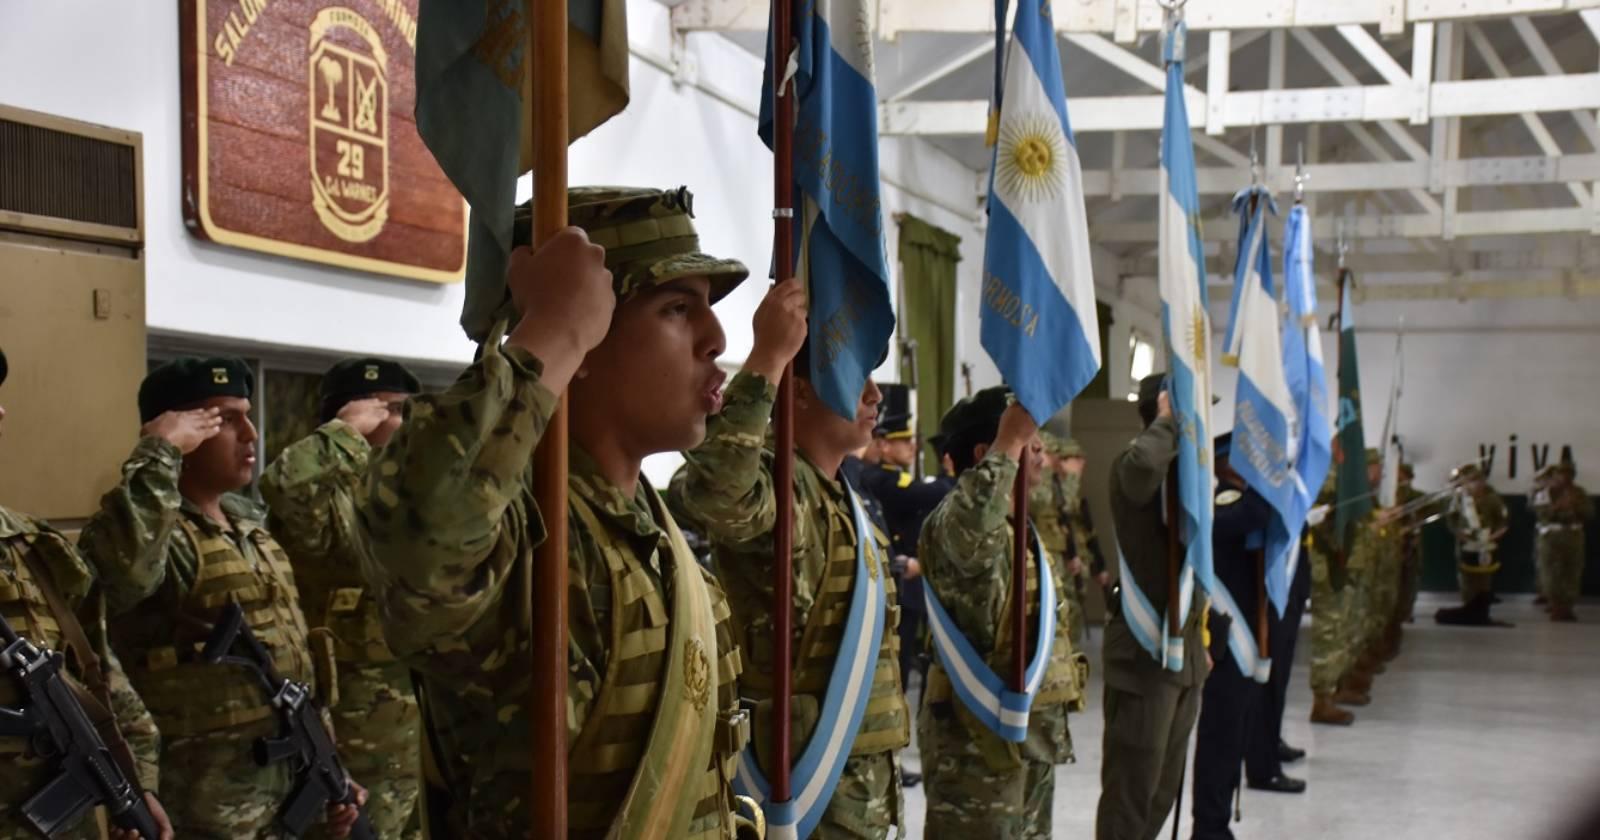 Ejército argentino abrirá cupos para postulantes transexuales, travestis y transgénero